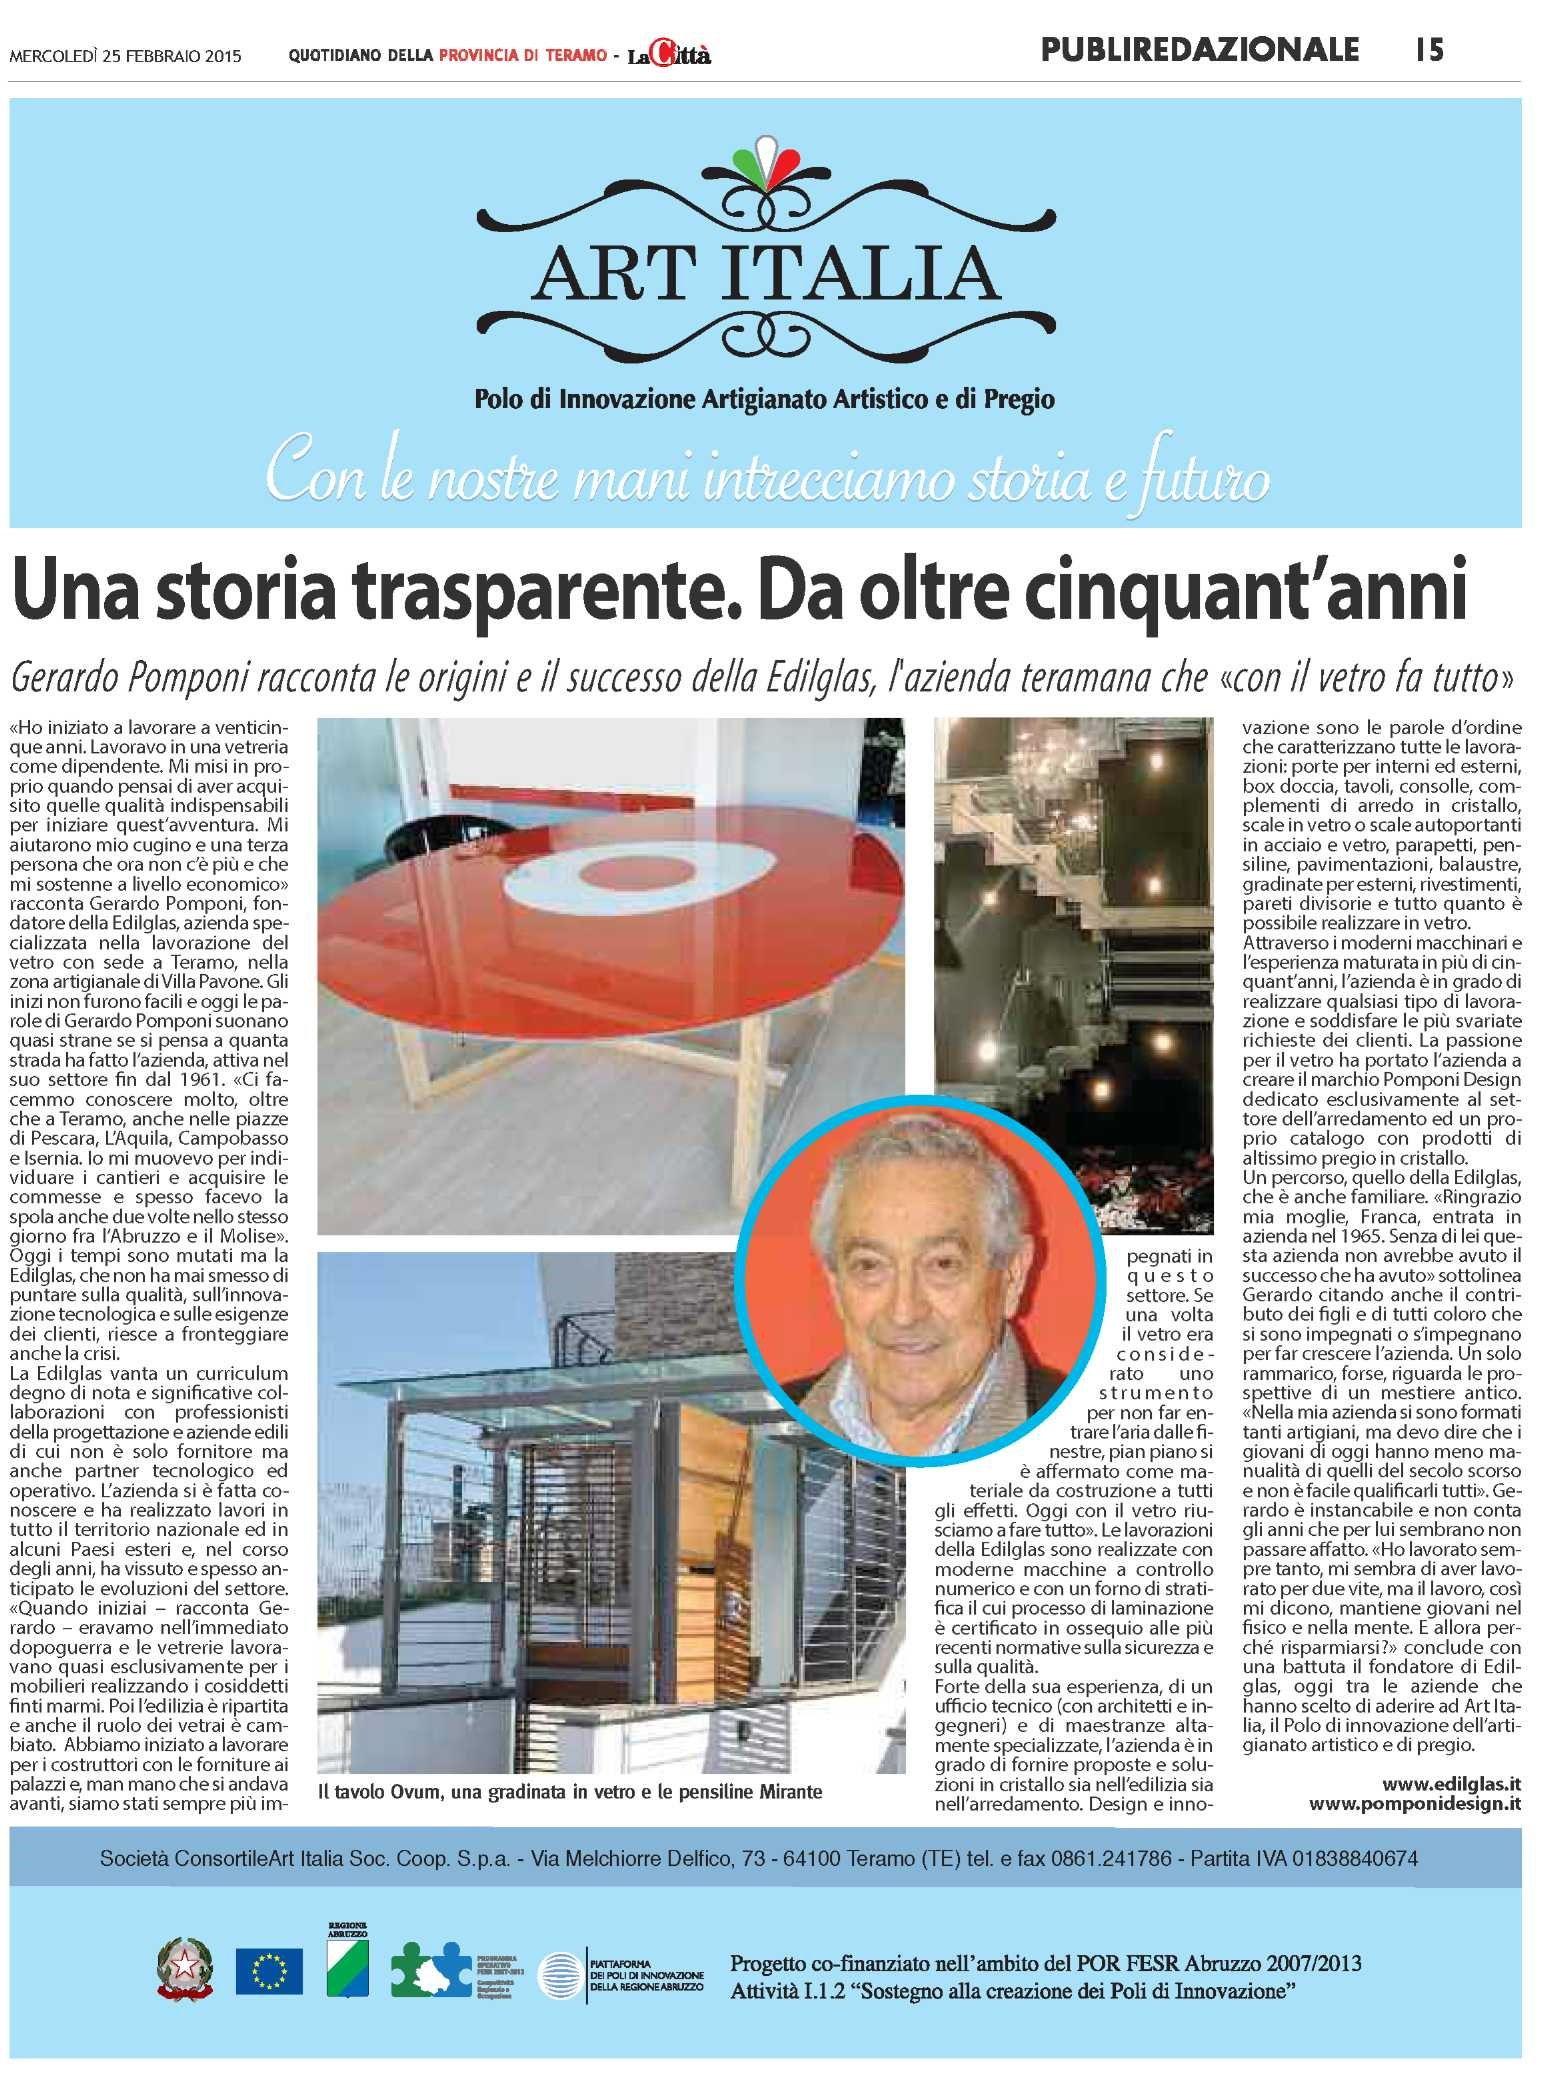 art_italia_Una storia trasparente